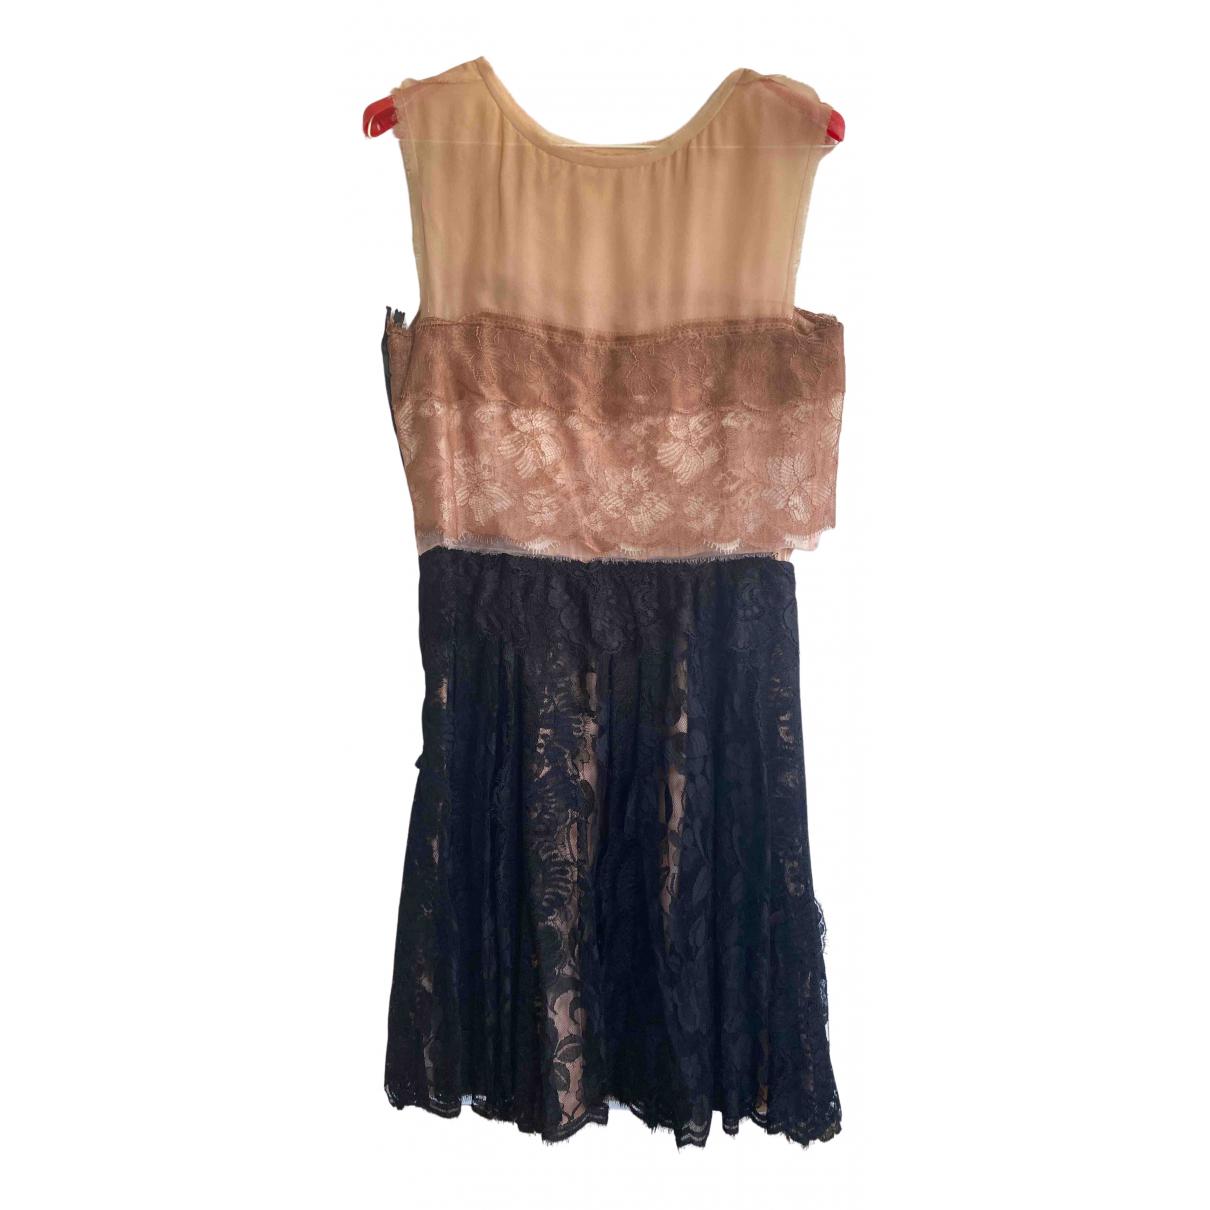 Lanvin \N Kleid in  Beige Viskose